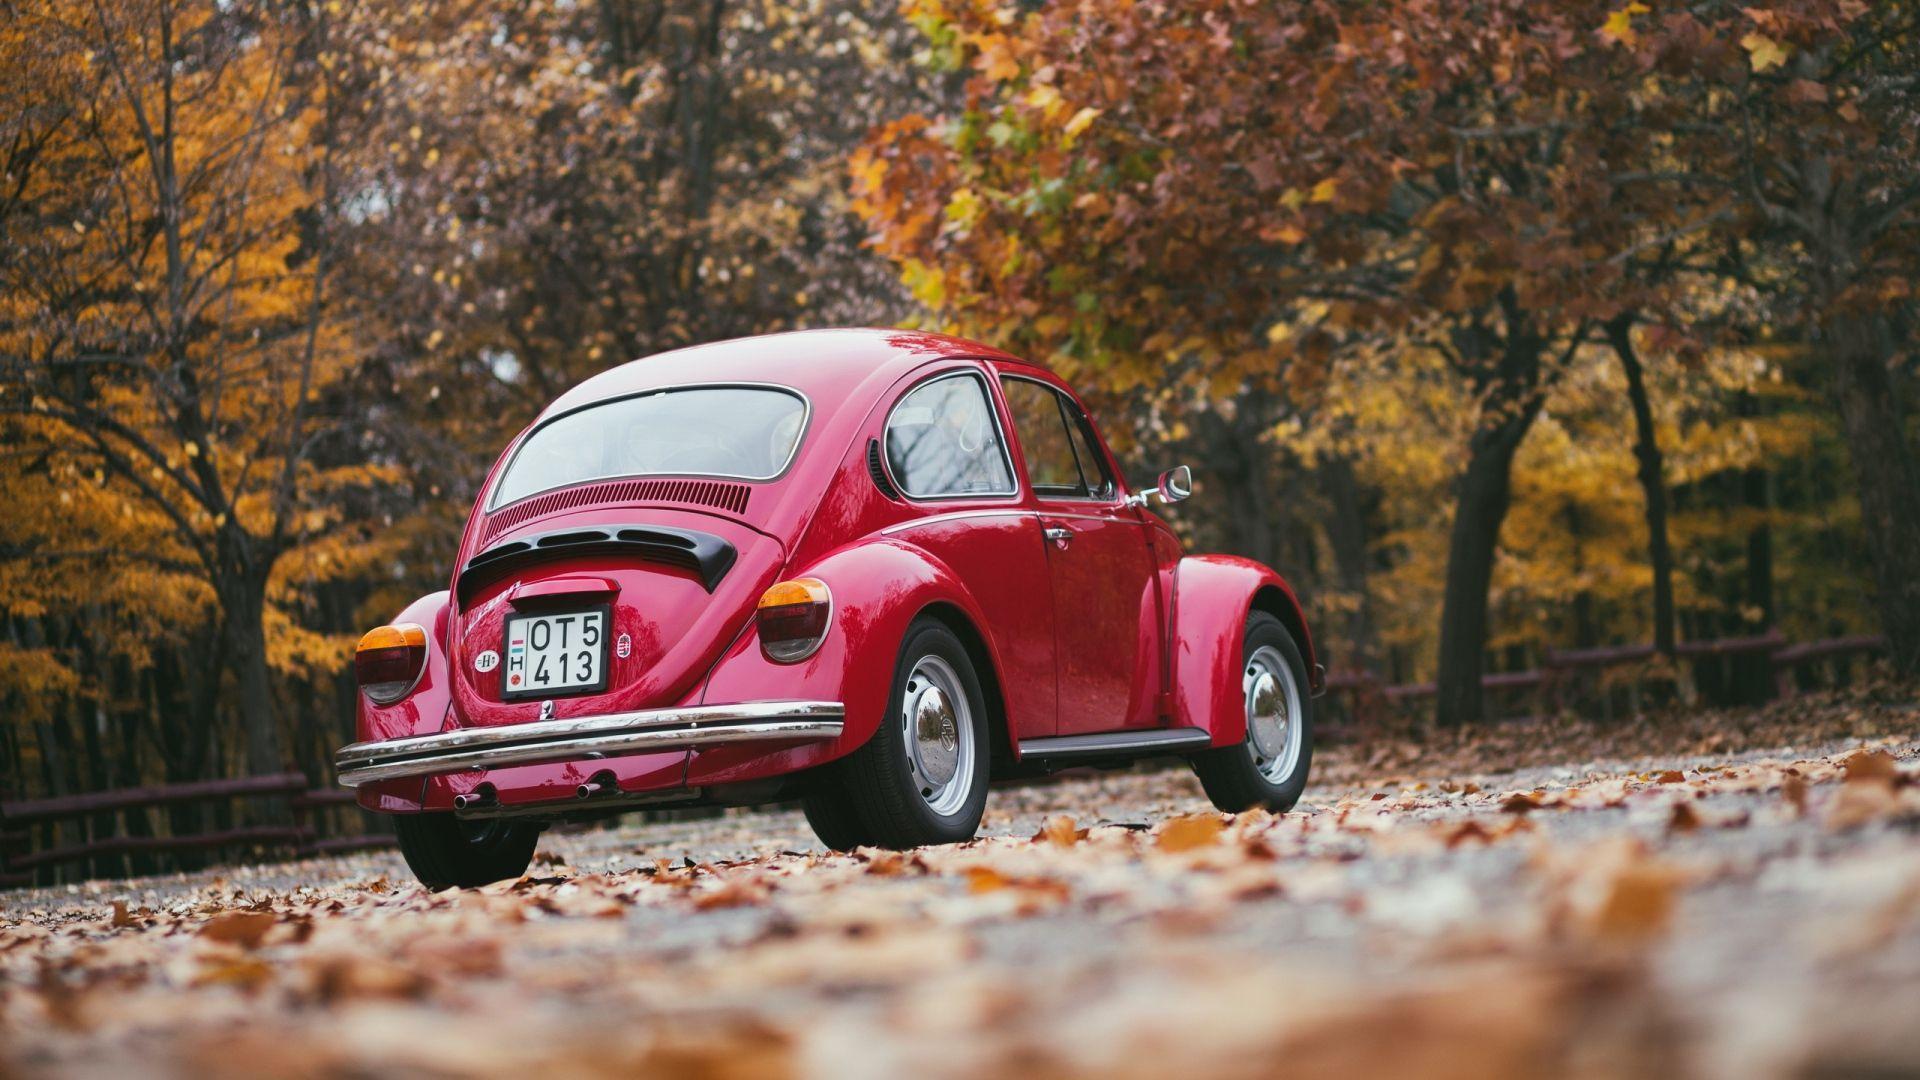 Volkswagen Fusca Wallpapers - Wallpaper Cave